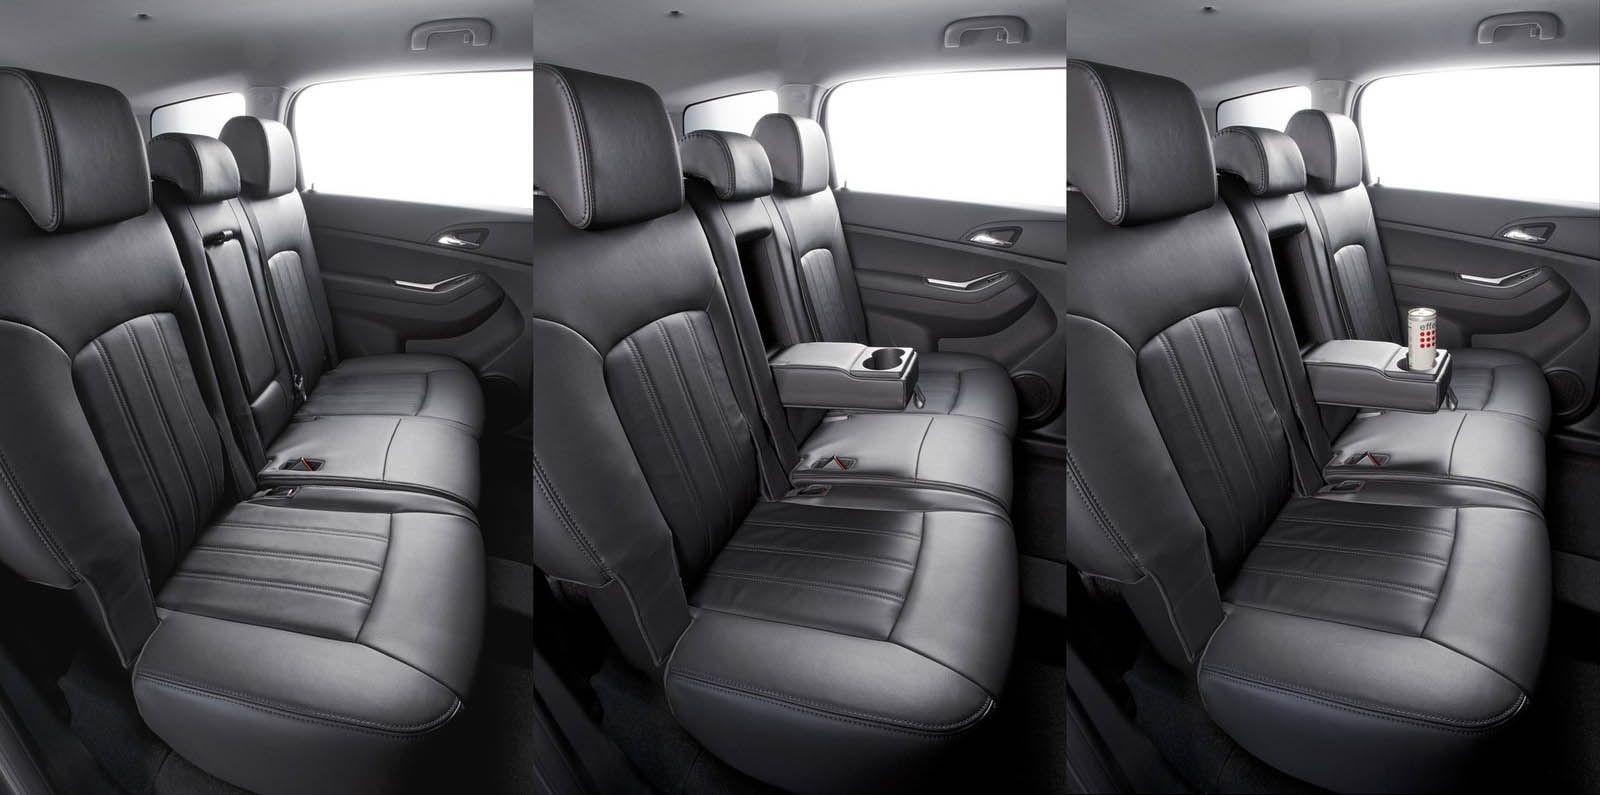 Семиместный Cruze в кросс-стиле: стоит ли покупать Chevrolet Orlando за 750 тысяч рублей